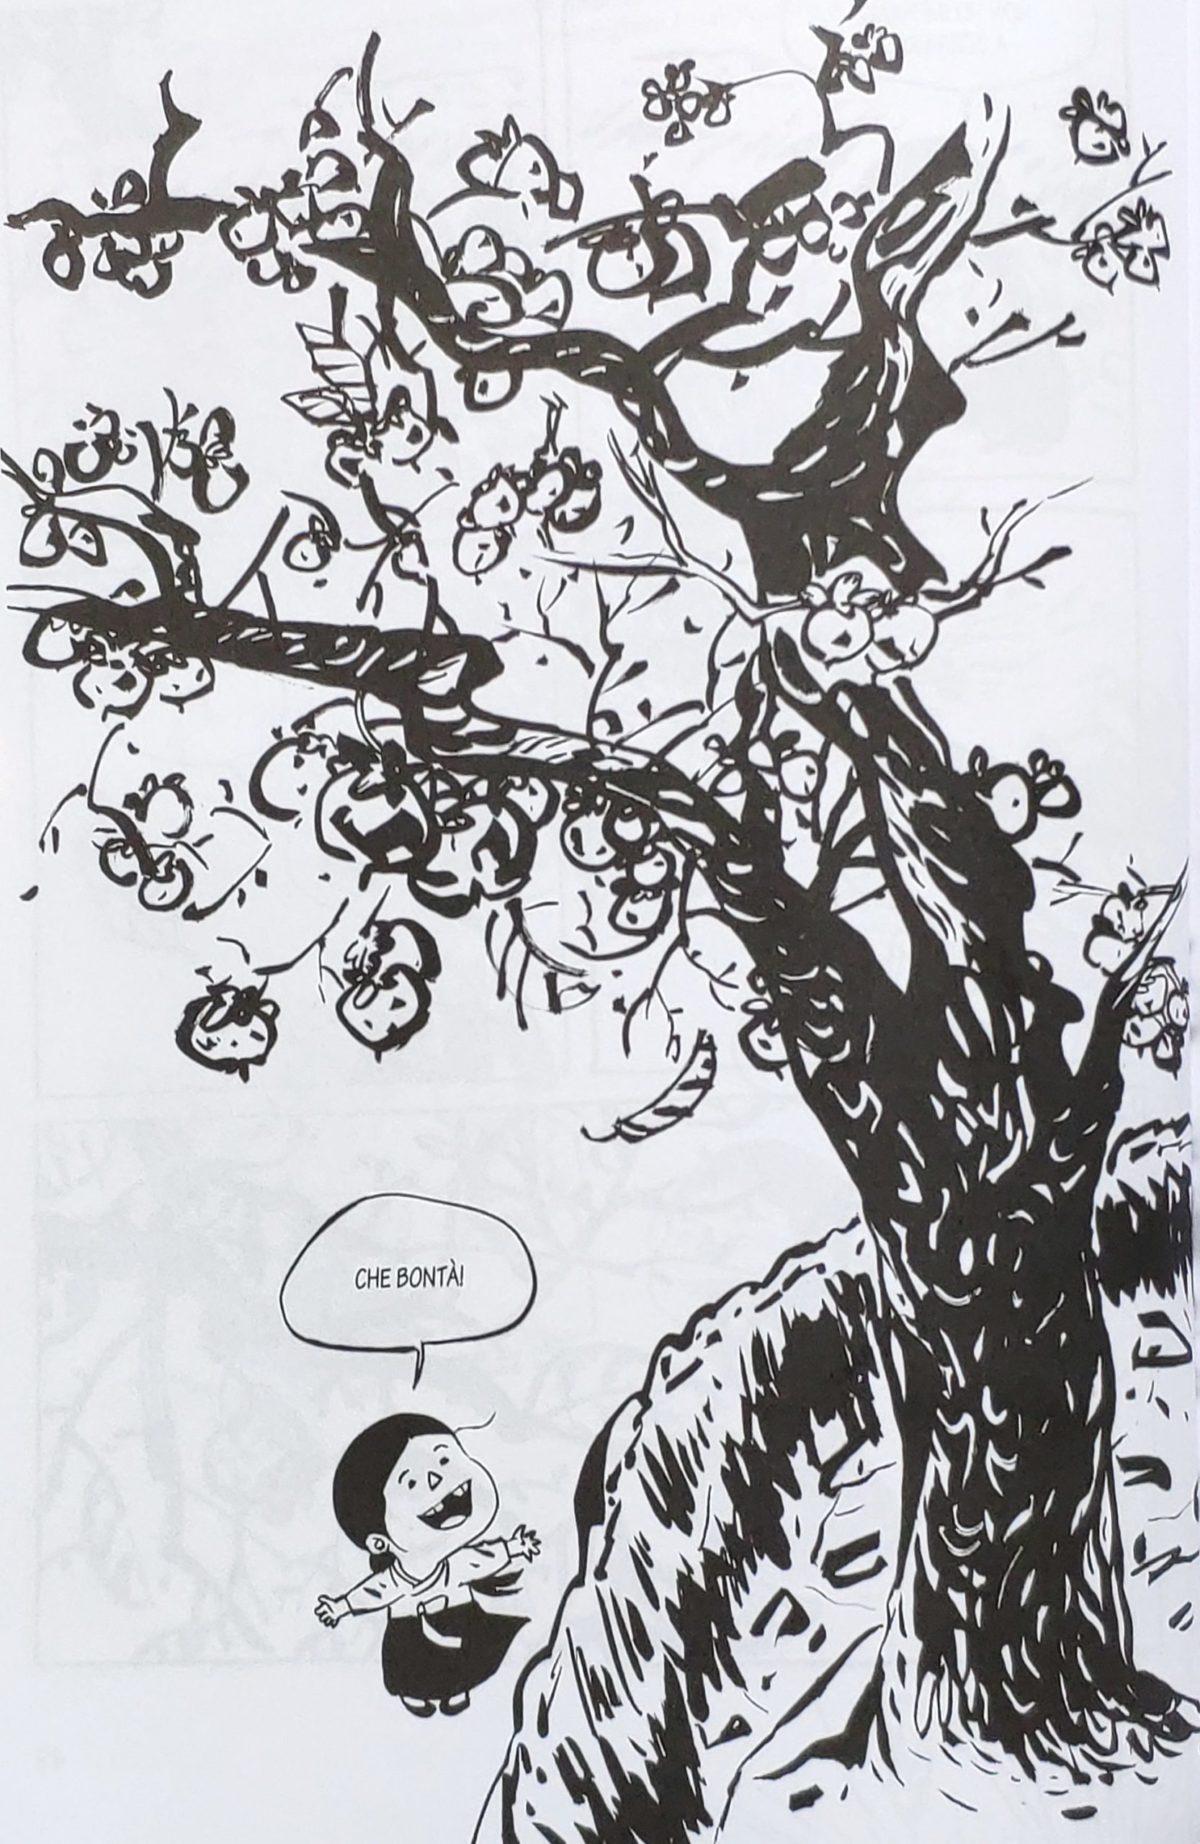 Mio caro fumetto... - Ne Le Malerbe si osserva la commistione dello stile dei manhwa con quello della pittura Joseon